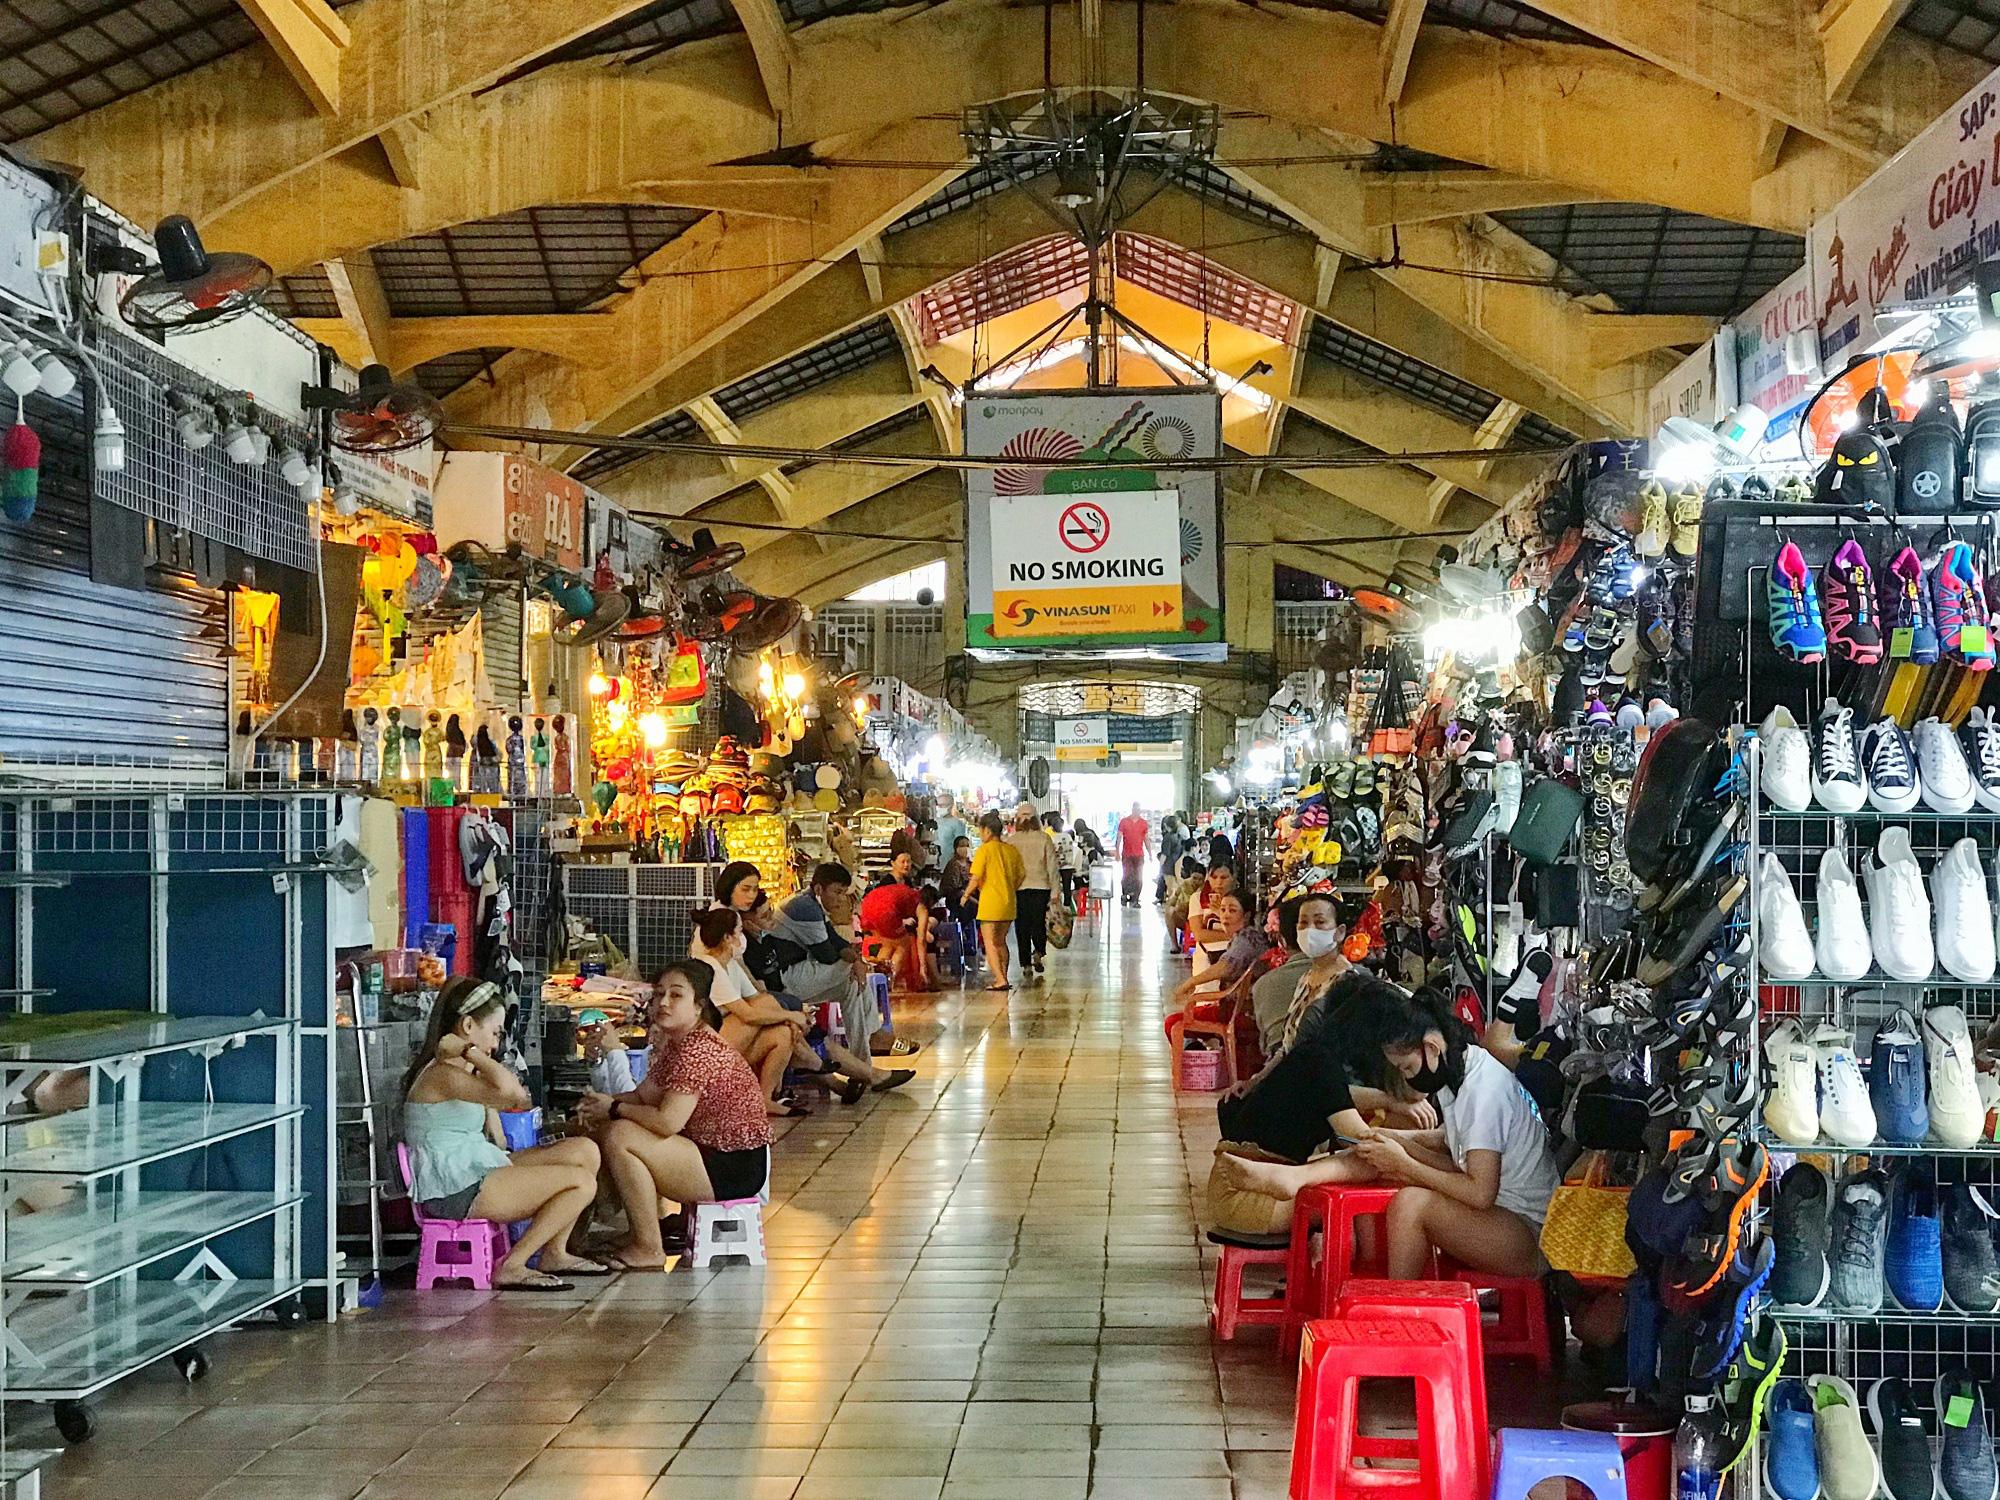 Các điểm du lịch tại TP.HCM vắng hoàn toàn sau quyết định dừng nhập cảnh người nước ngoài vào Việt Nam - Ảnh 5.